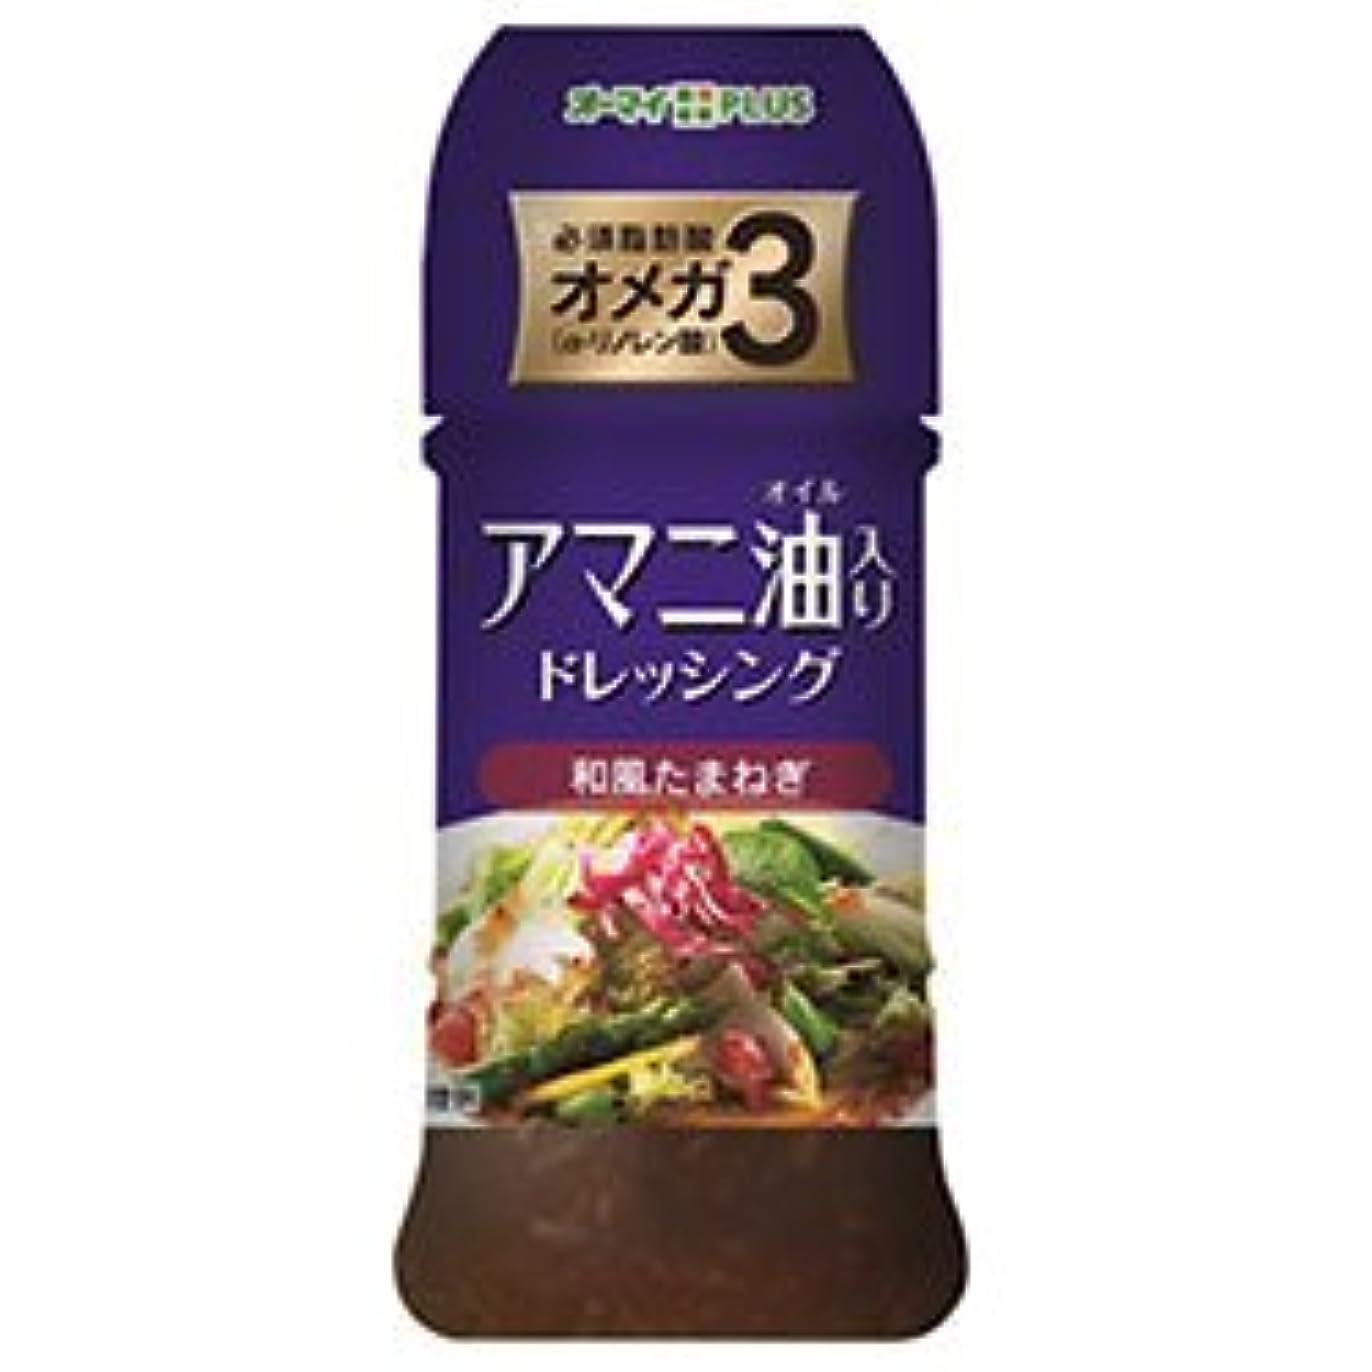 アンケート準備した上下する日本製粉 オーマイプラス アマニ油入りドレッシング 和風たまねぎ 150ml×12本入×(2ケース)